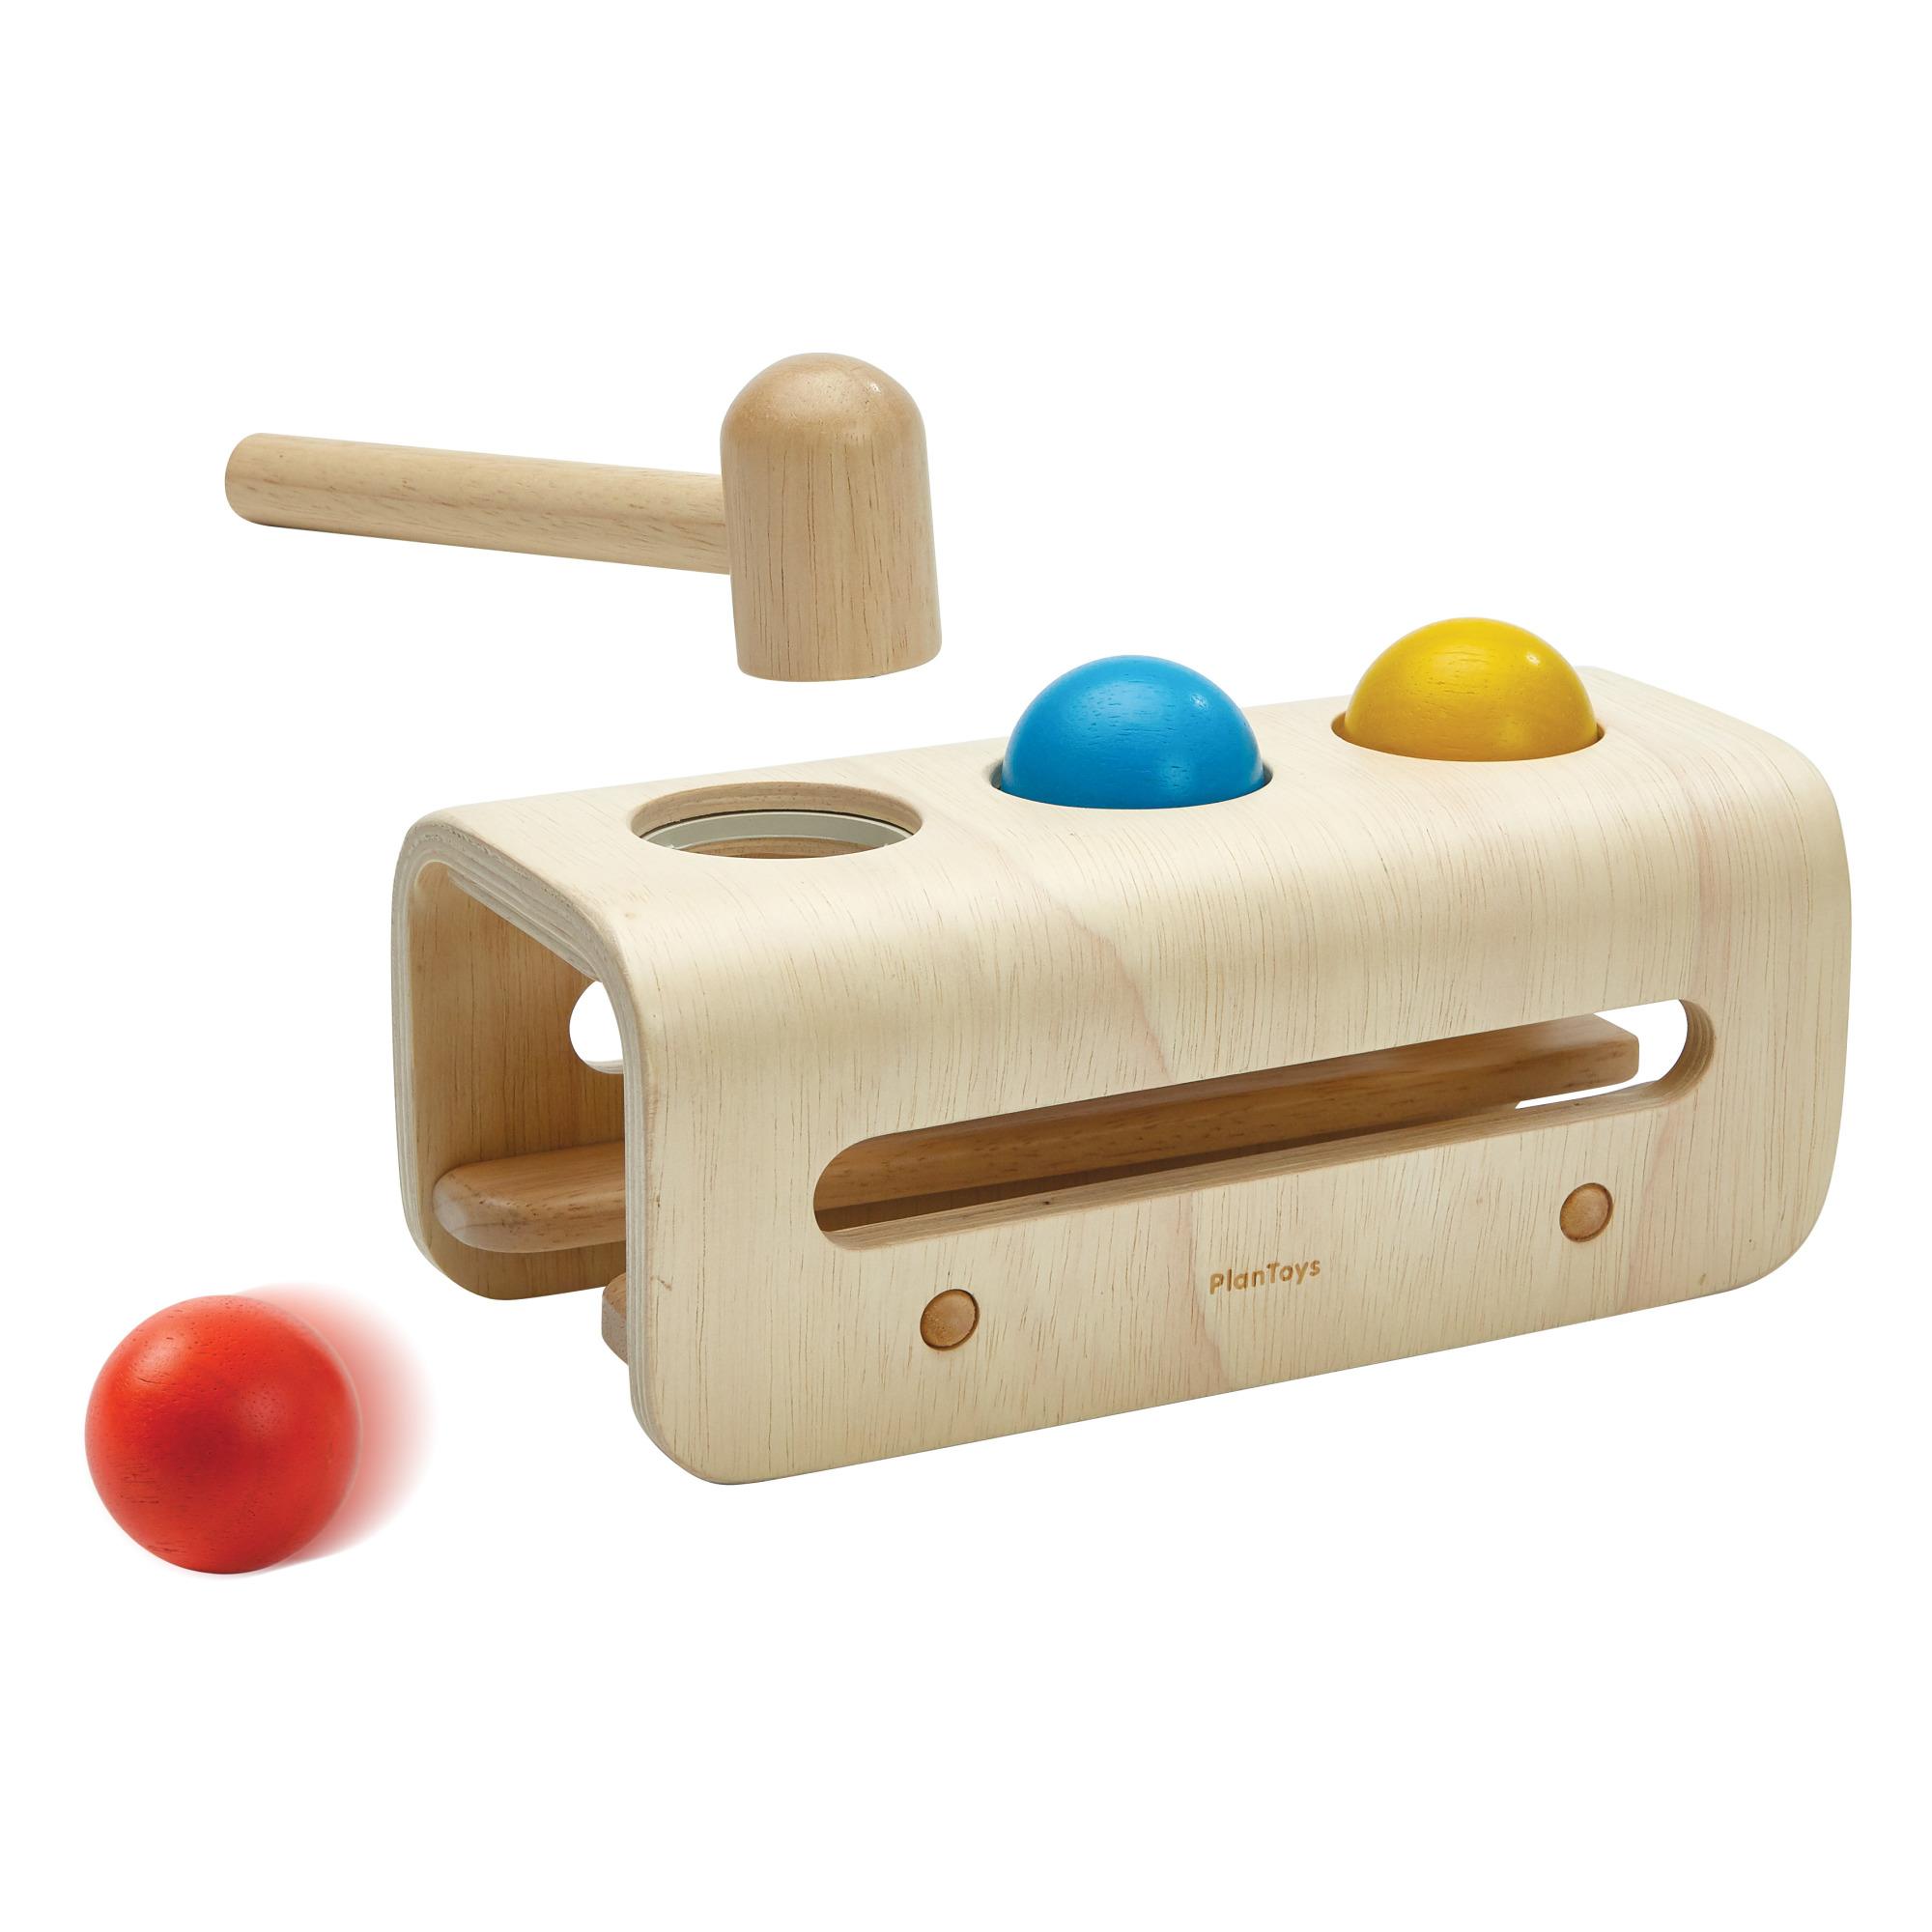 Plan Toys - Banc à marteler en bois naturel 3 balles - Multicolore